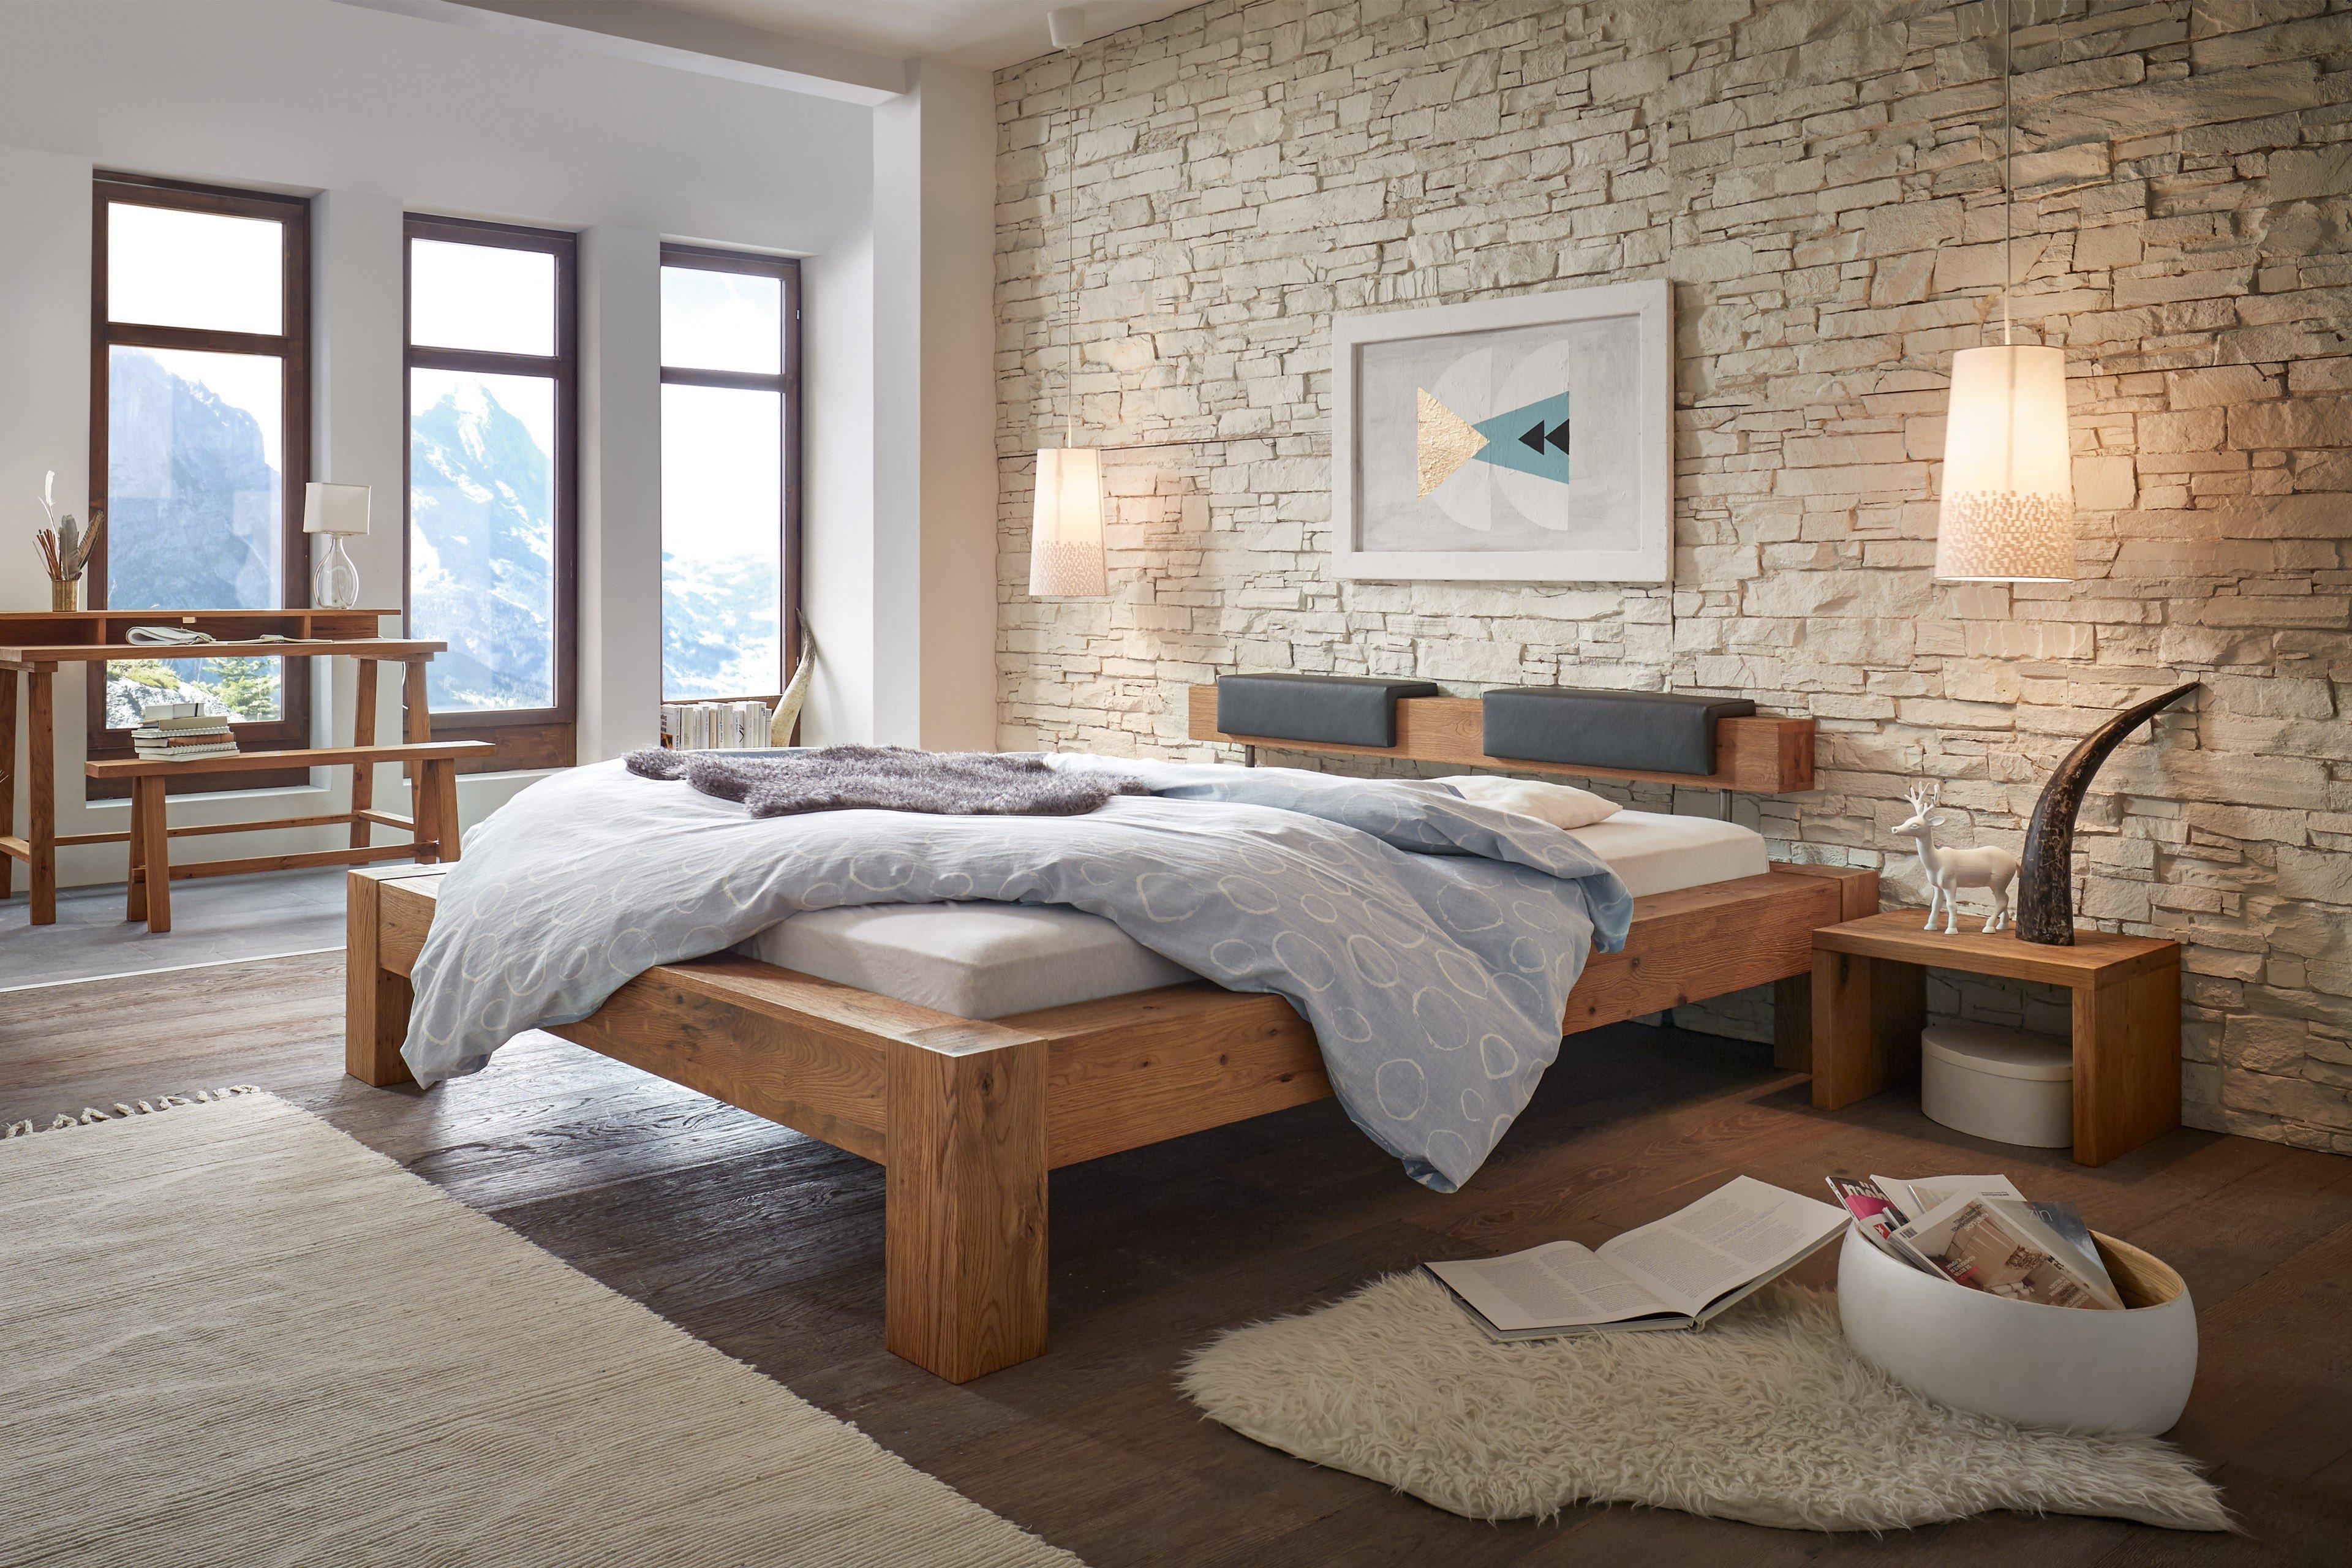 hasena oak wild bett cobo wildeiche natur m bel letz ihr online shop. Black Bedroom Furniture Sets. Home Design Ideas